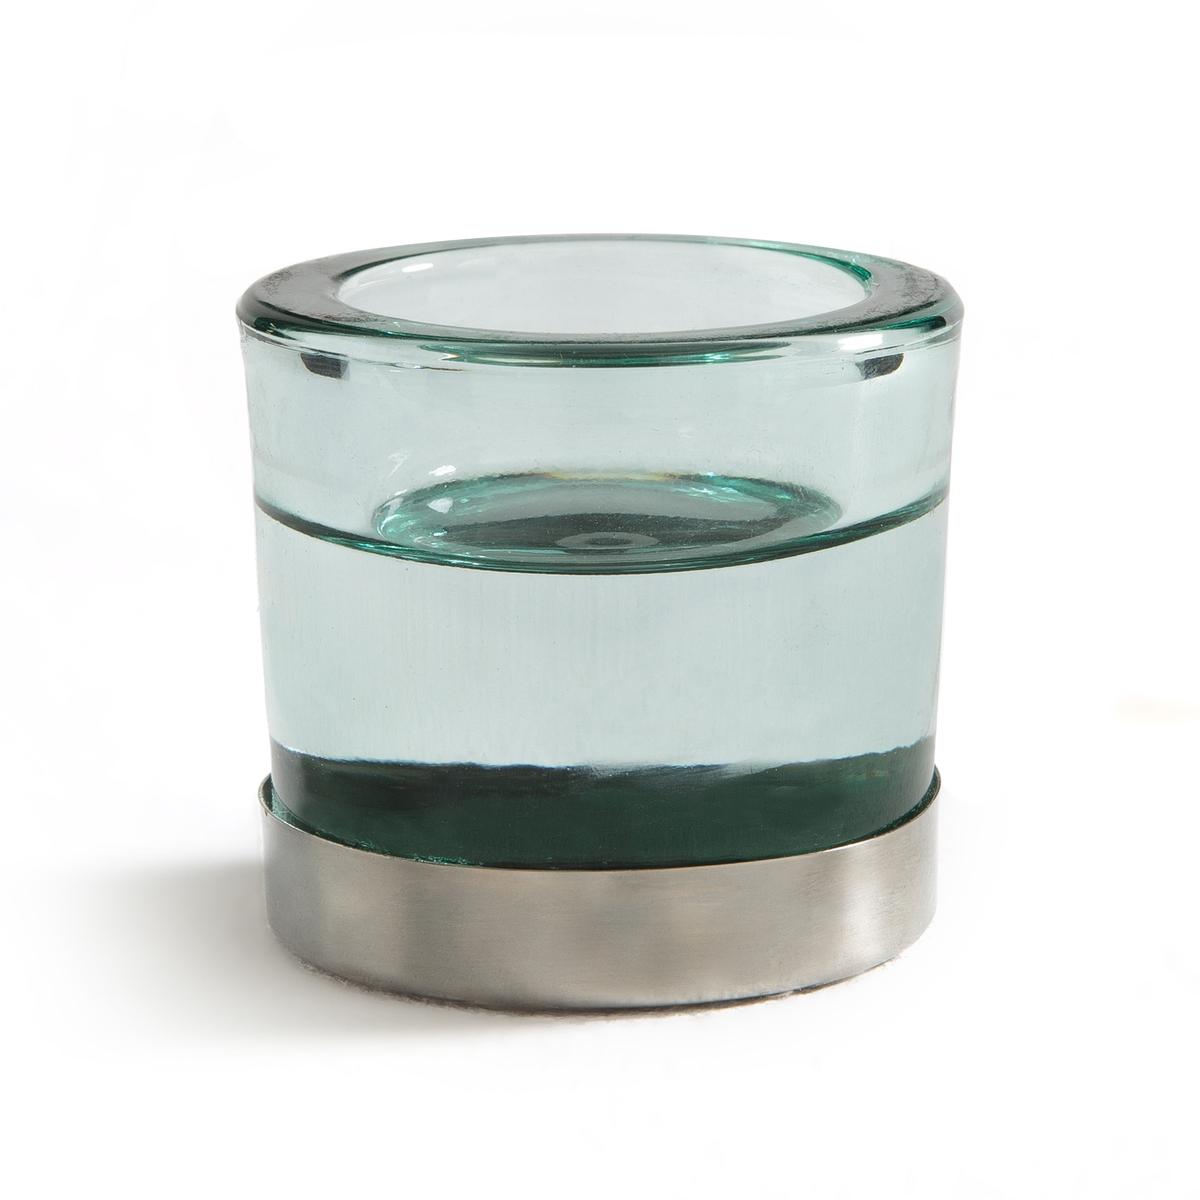 Подсвечник из стекла и металла, OROUN homereligion ваза подсвечник серебрянная из стекла